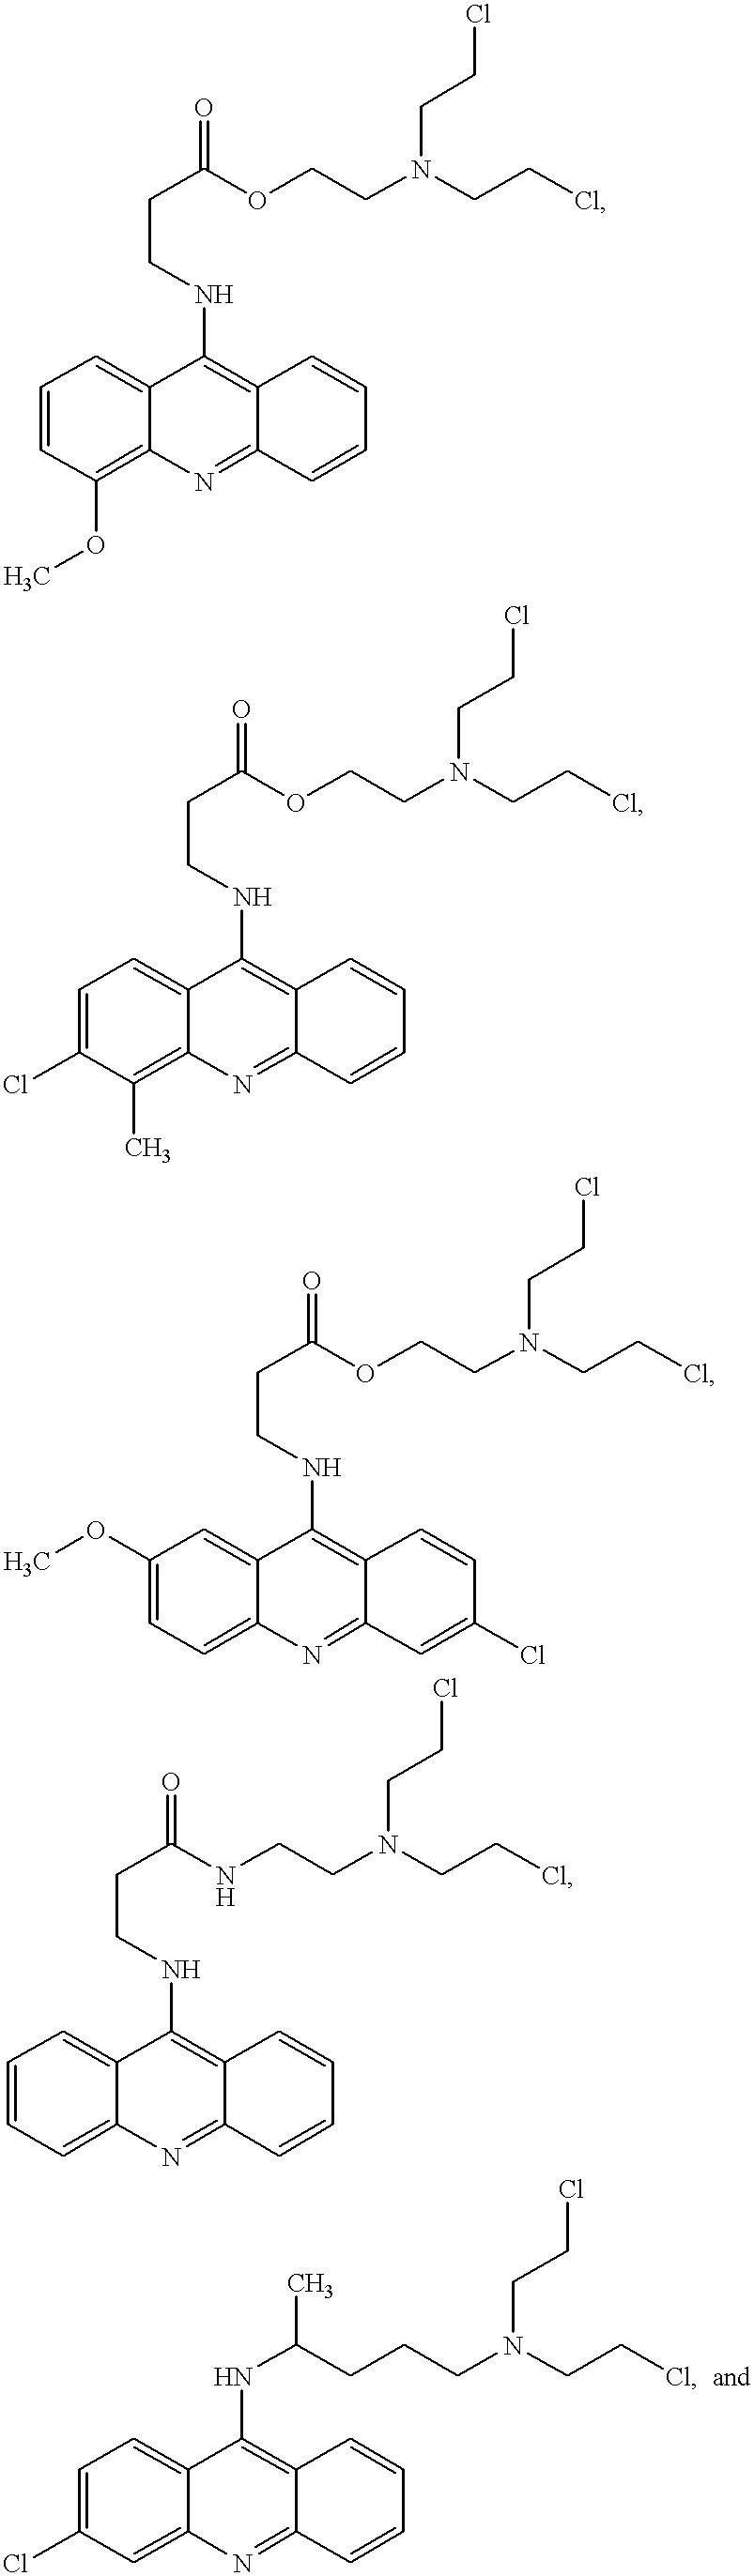 Figure US06281225-20010828-C00007